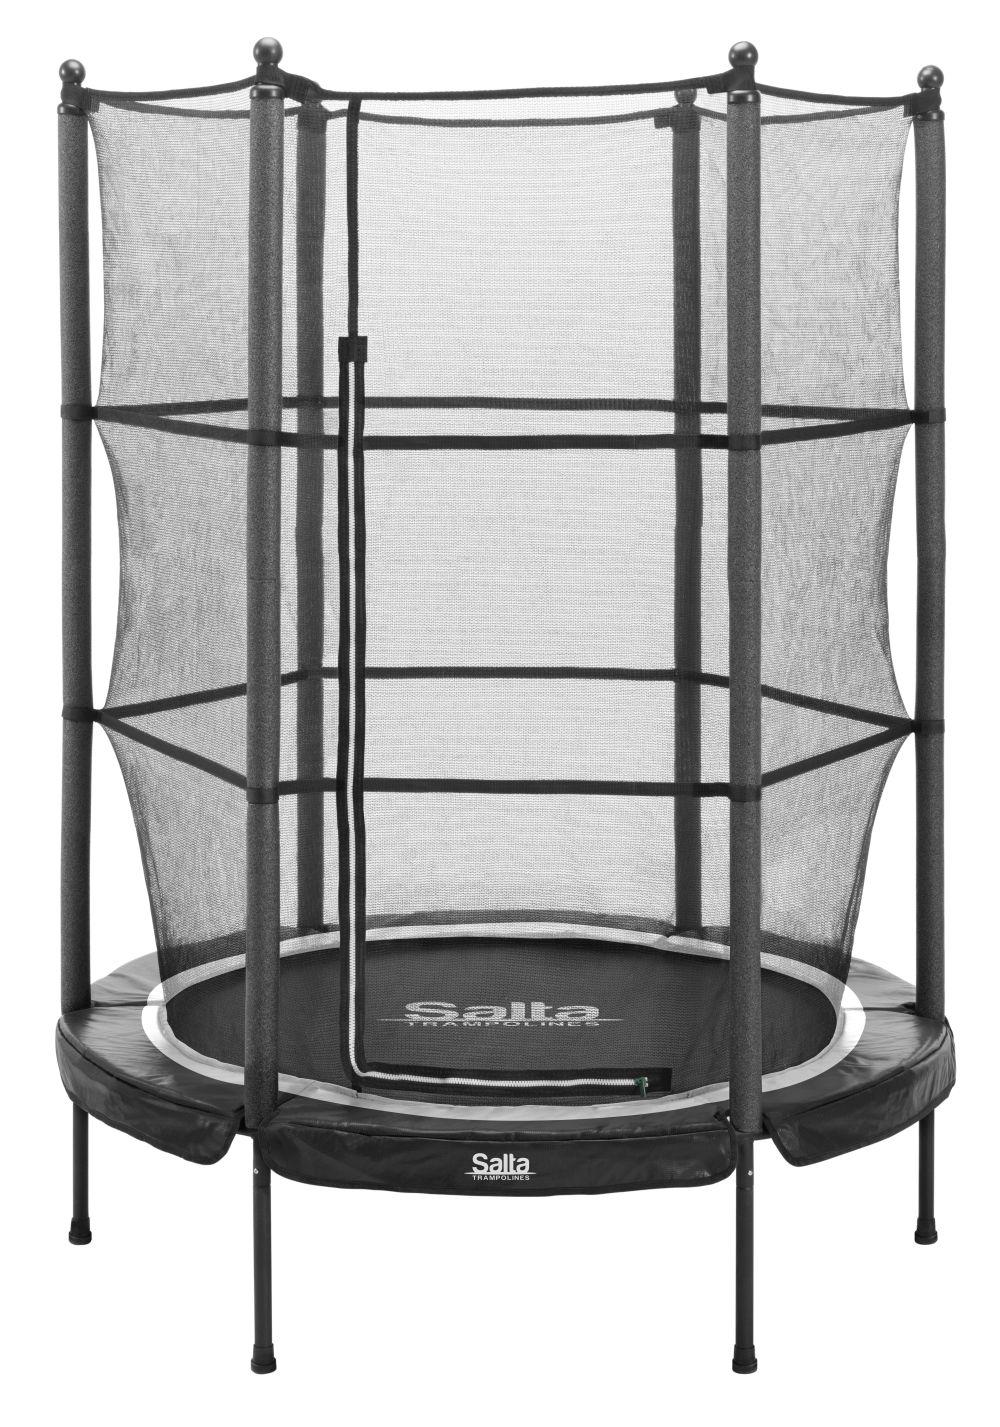 Salta Junior Trampoline - 140cm - Zwart (539A)